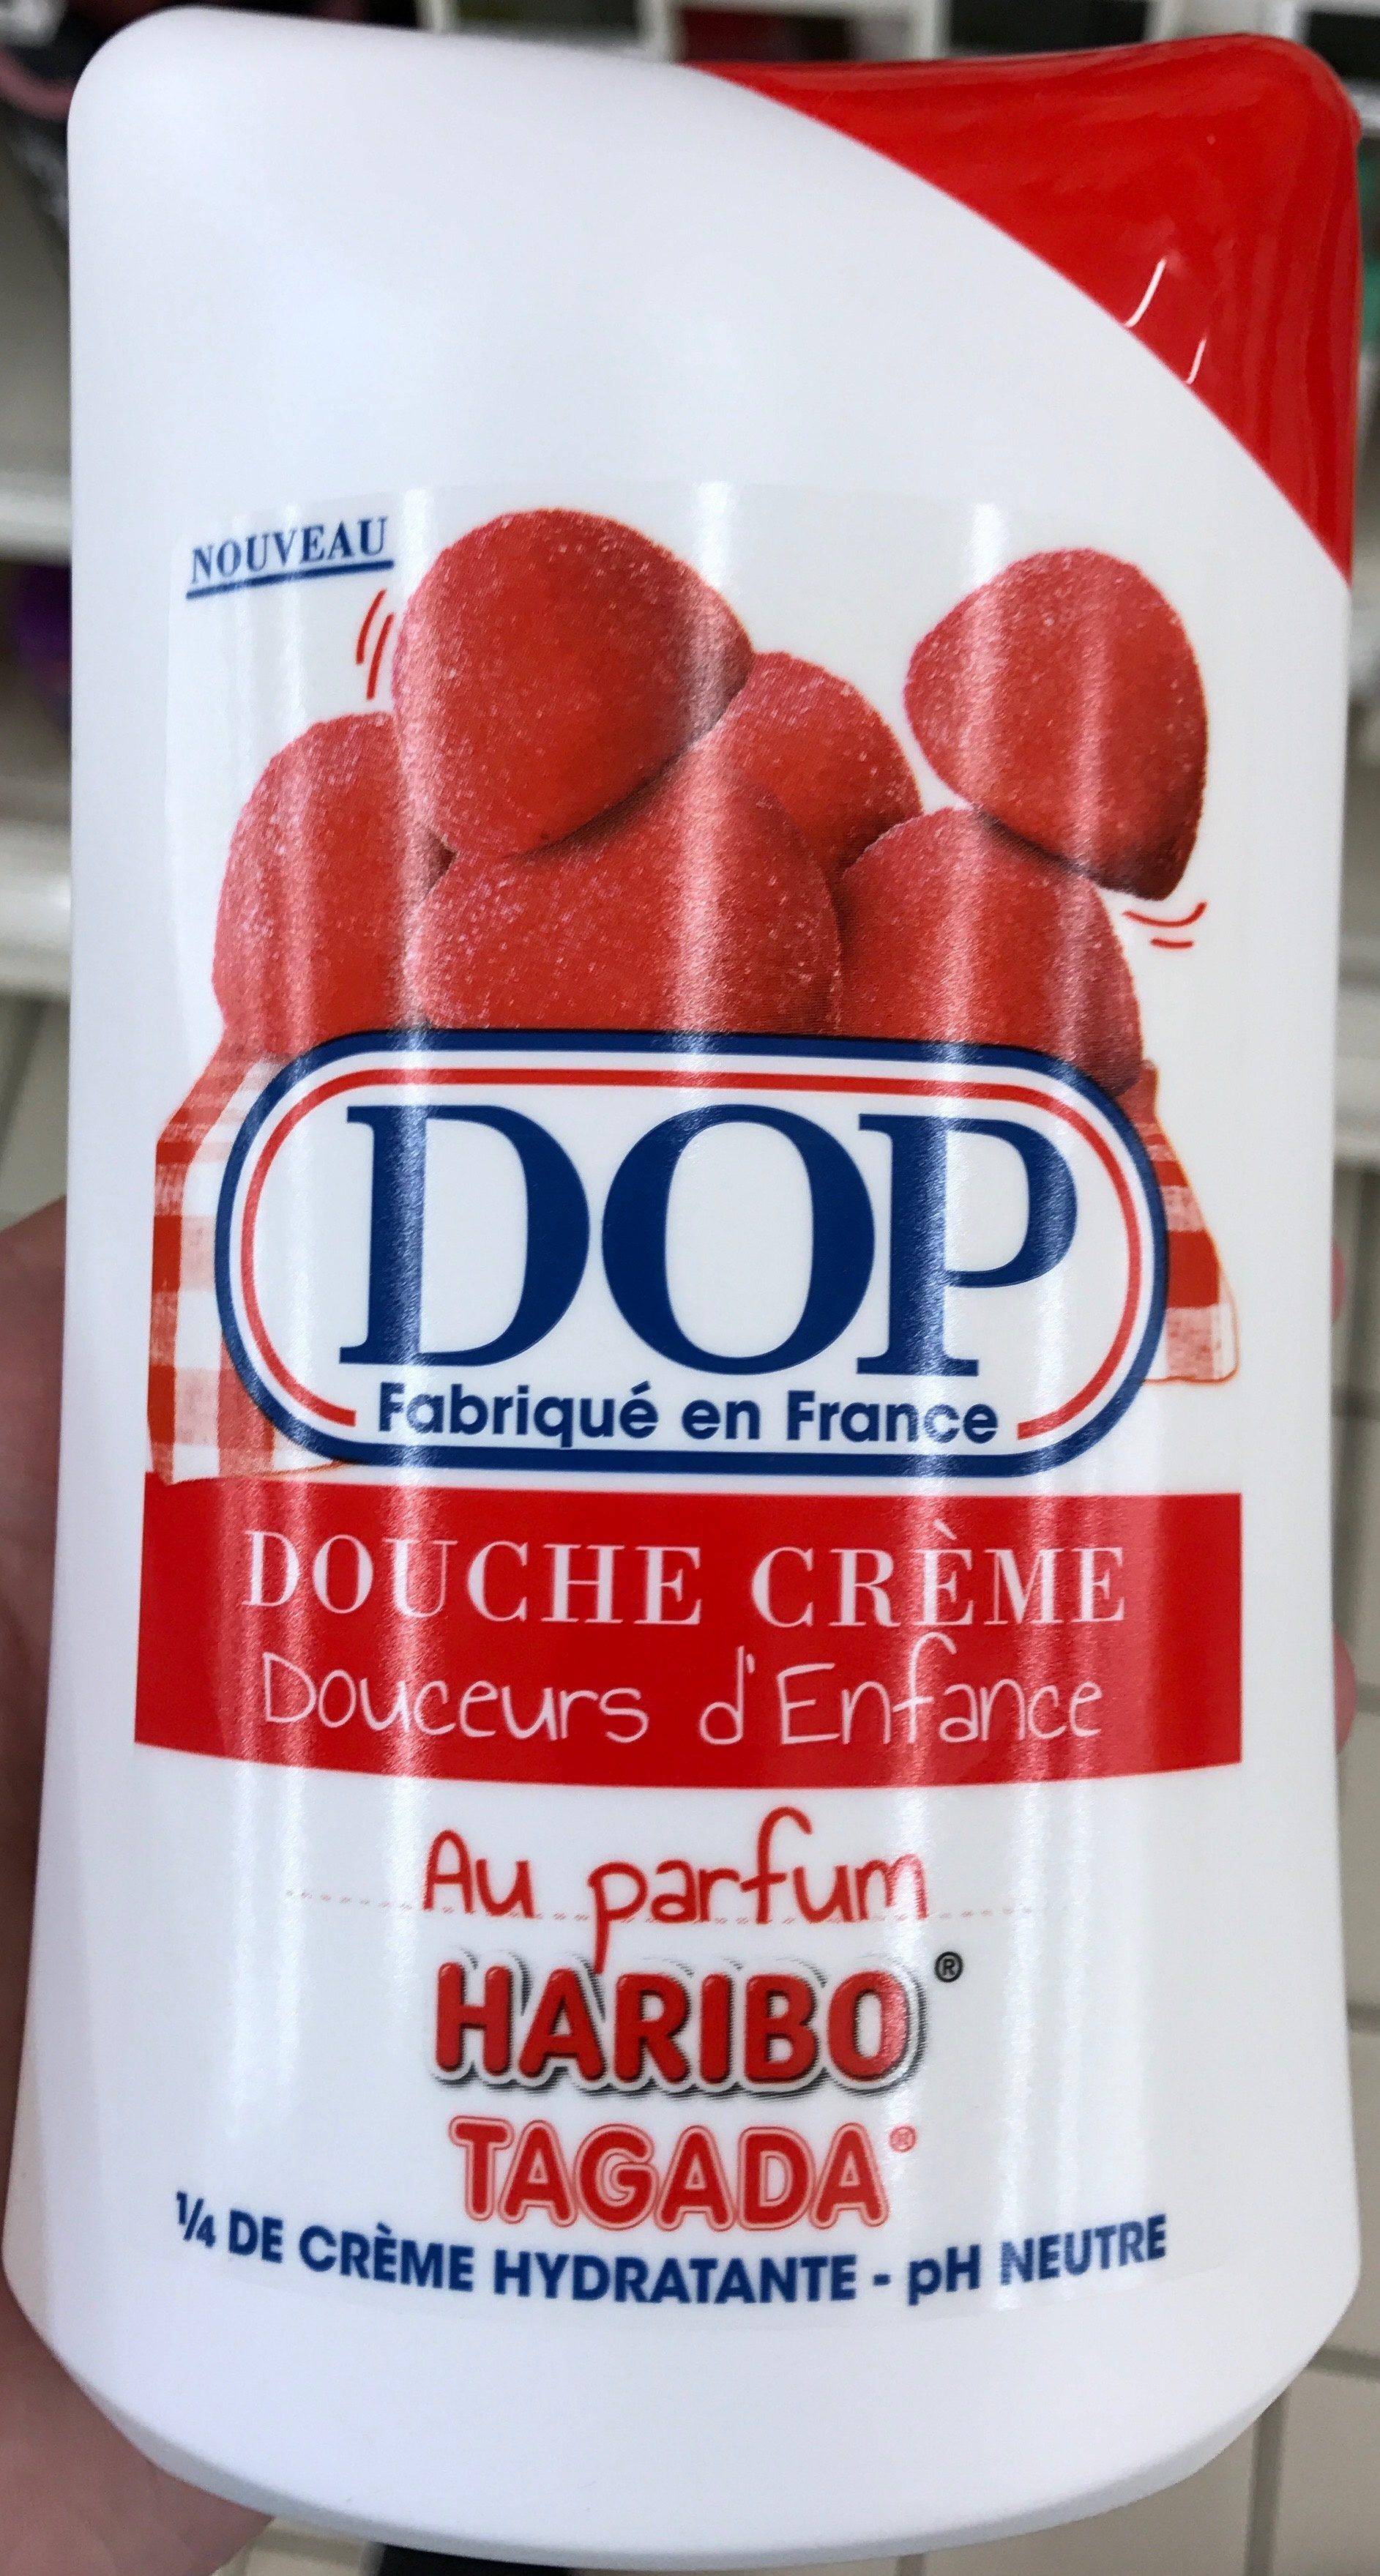 Douche crème Douceurs d'Enfance au parfum Haribo Tagada - Product - fr